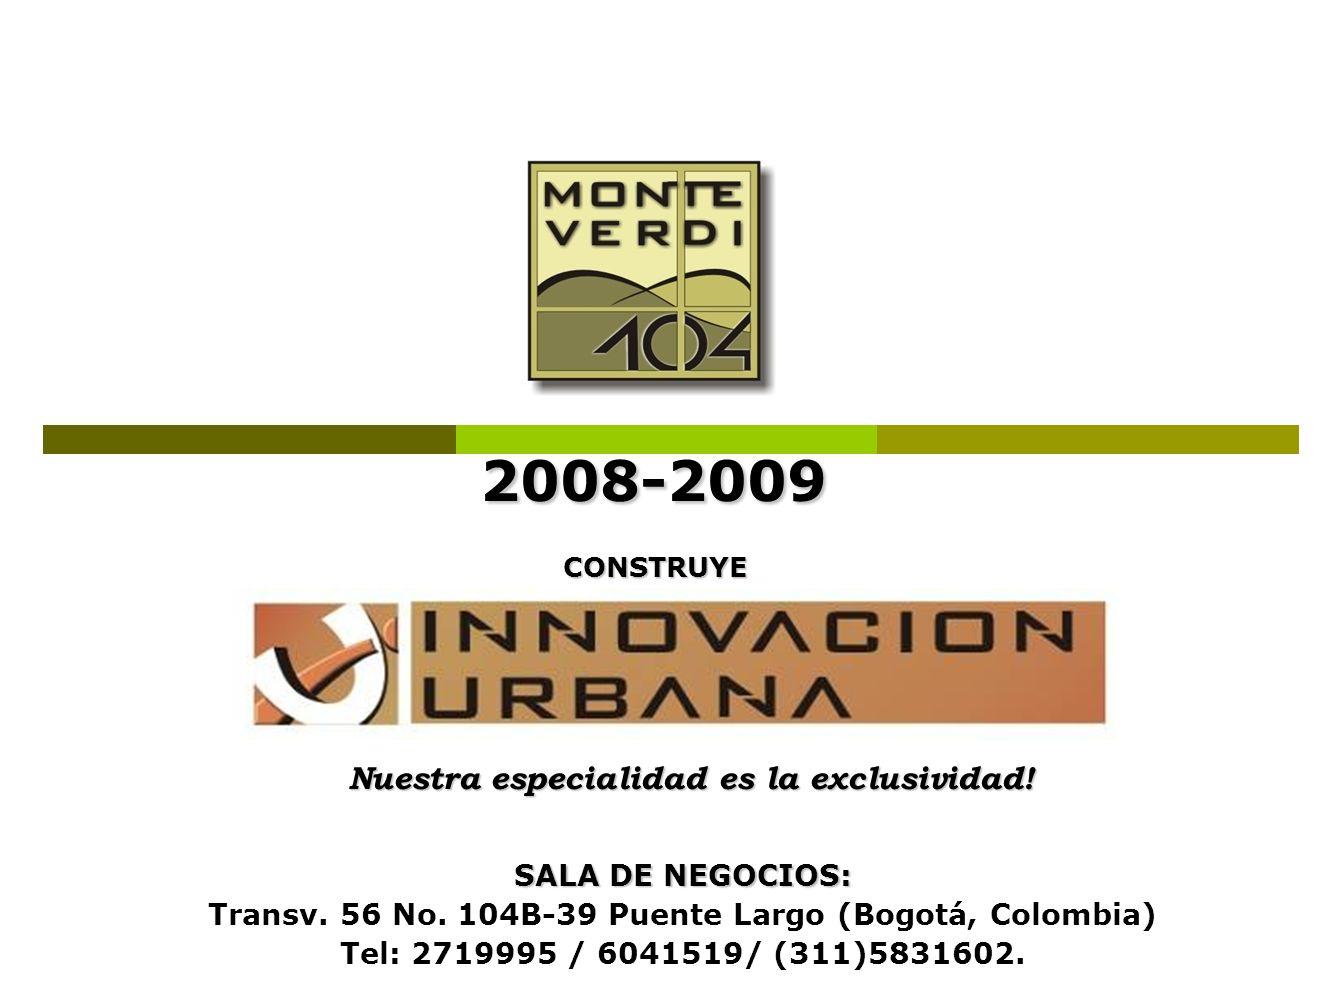 3 Alcobas + Estudio, 2 Baños, Chimenea, Balcón, 2 Garajes y Depósito.